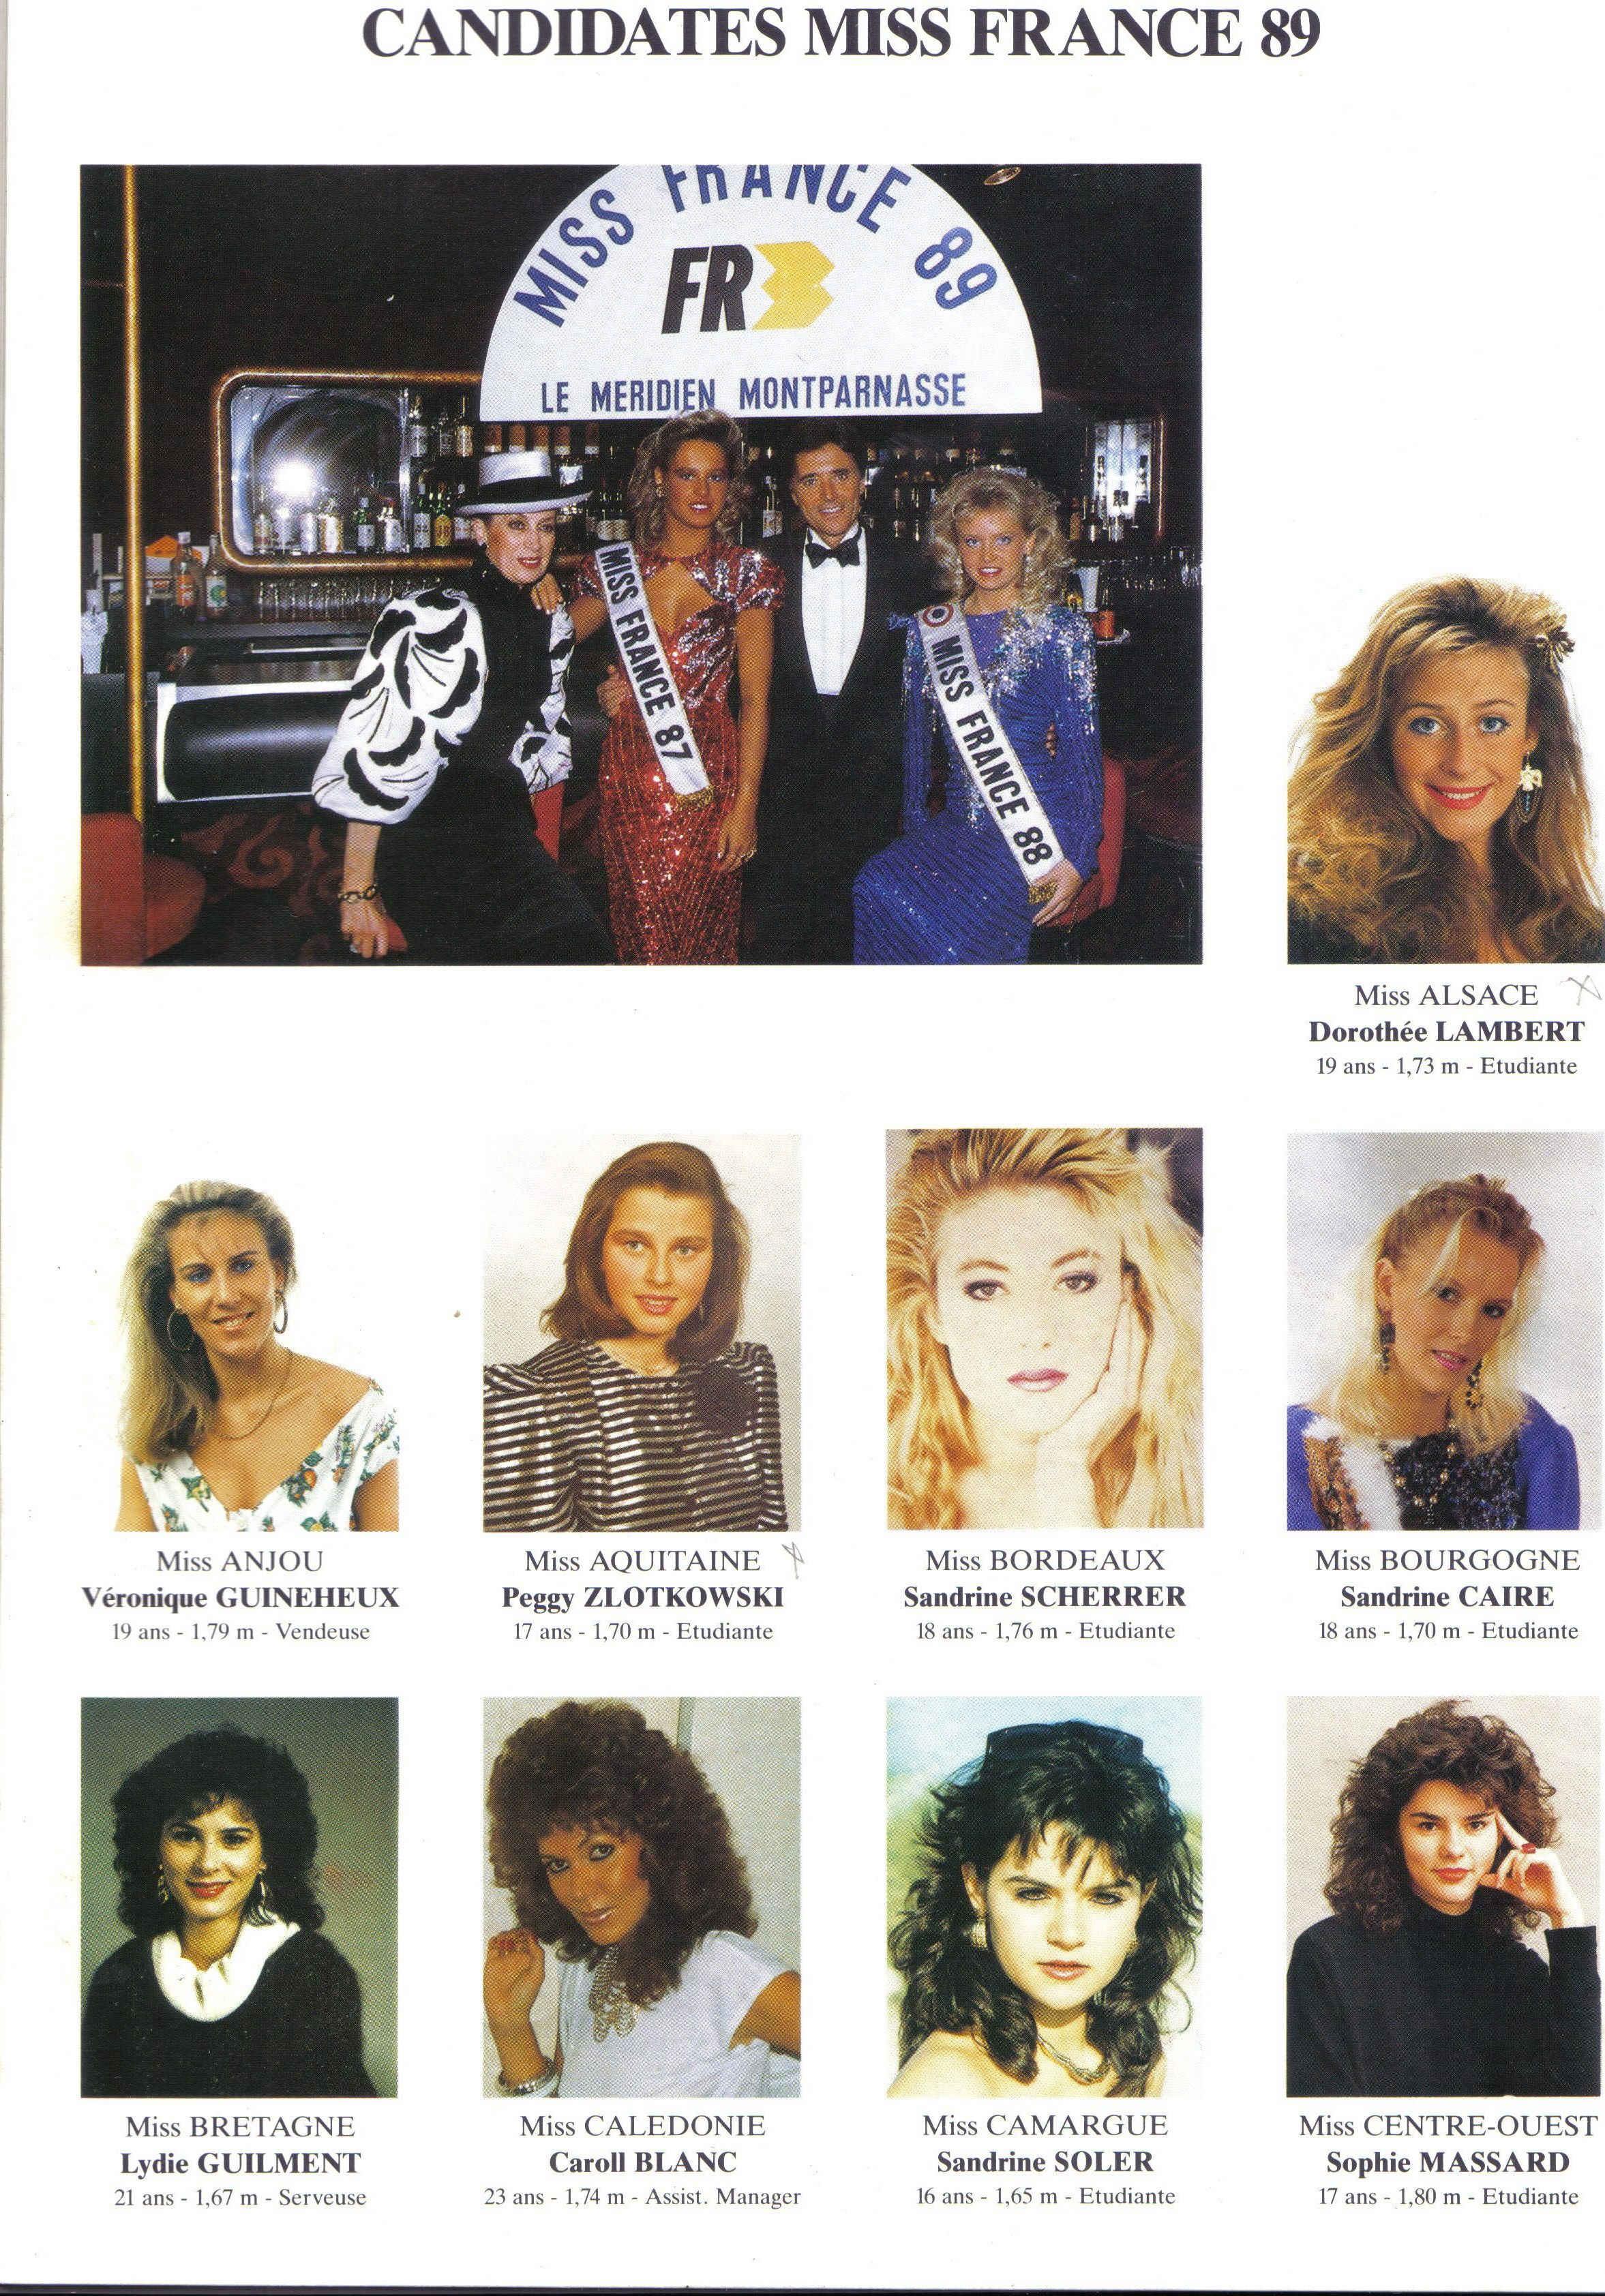 candidates miss france 1989. Black Bedroom Furniture Sets. Home Design Ideas